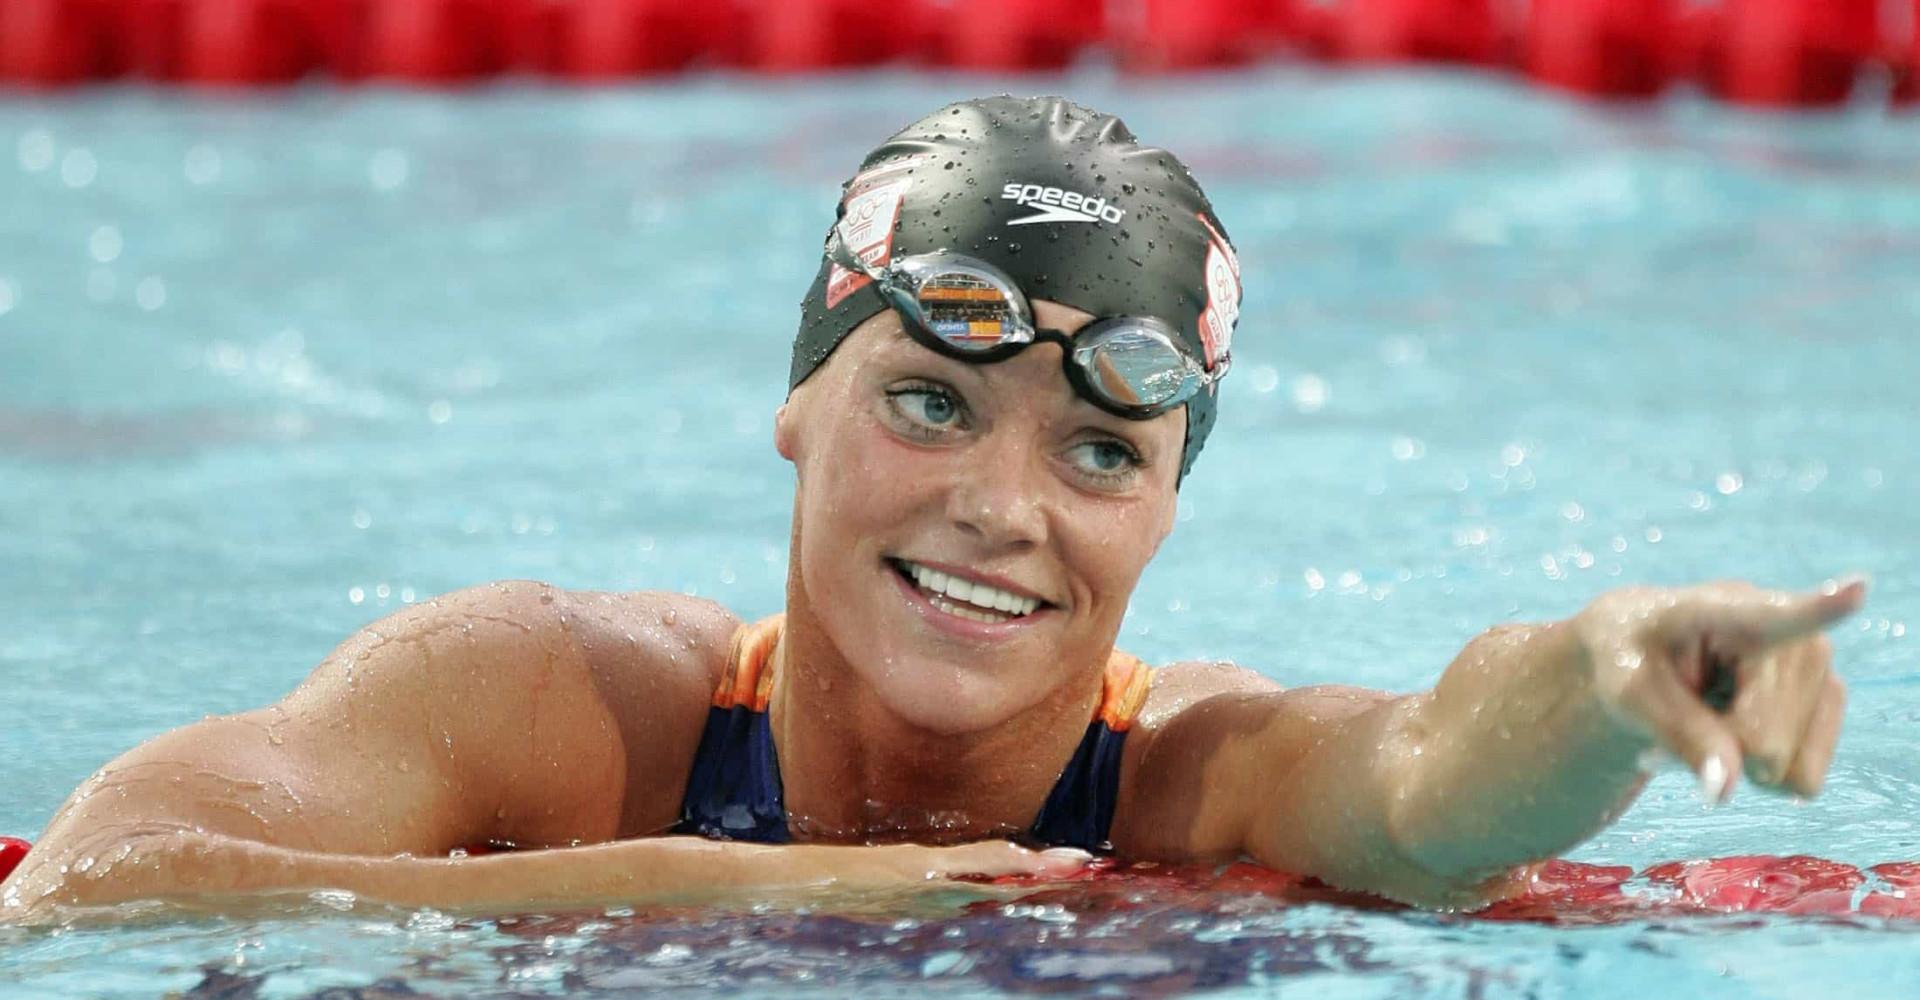 Nederlands zwemkoningin Inge de Bruijn